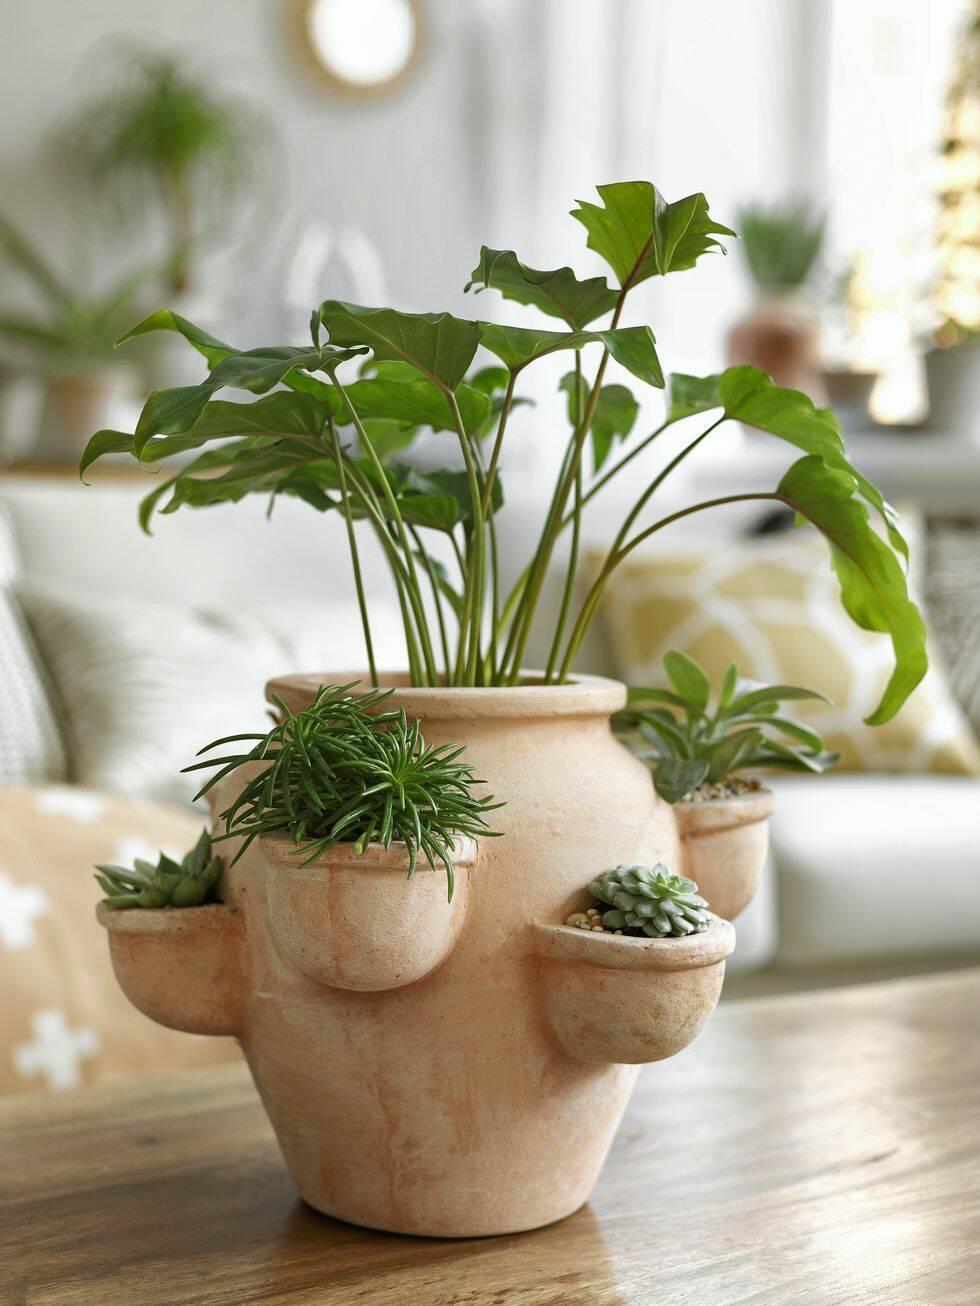 Så här inreder du stilrent och naturligt med lättskötta växter